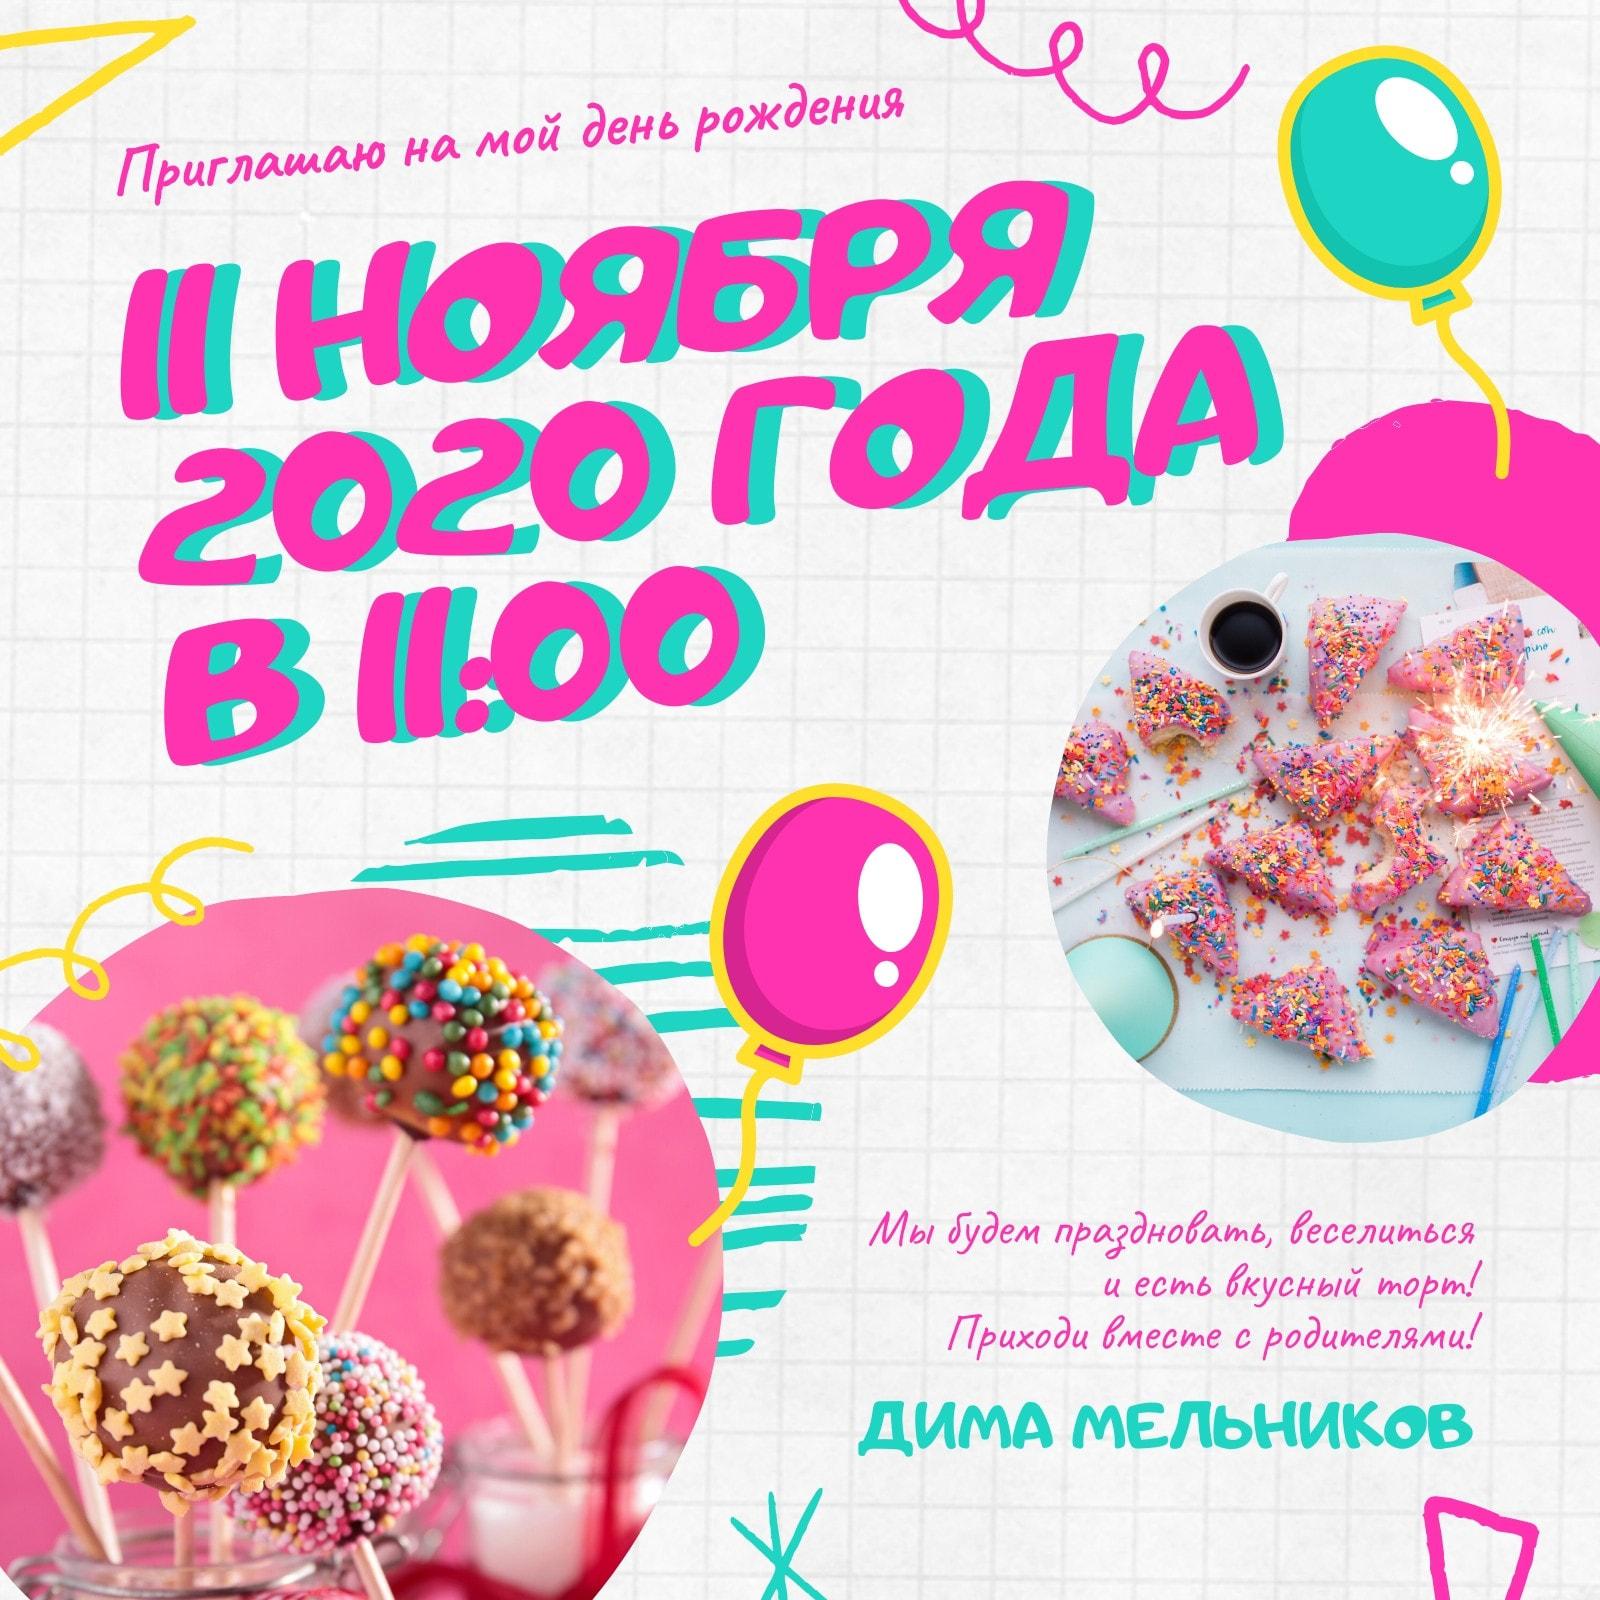 Цветное приглашение на день рождения с фотографиями сладостей